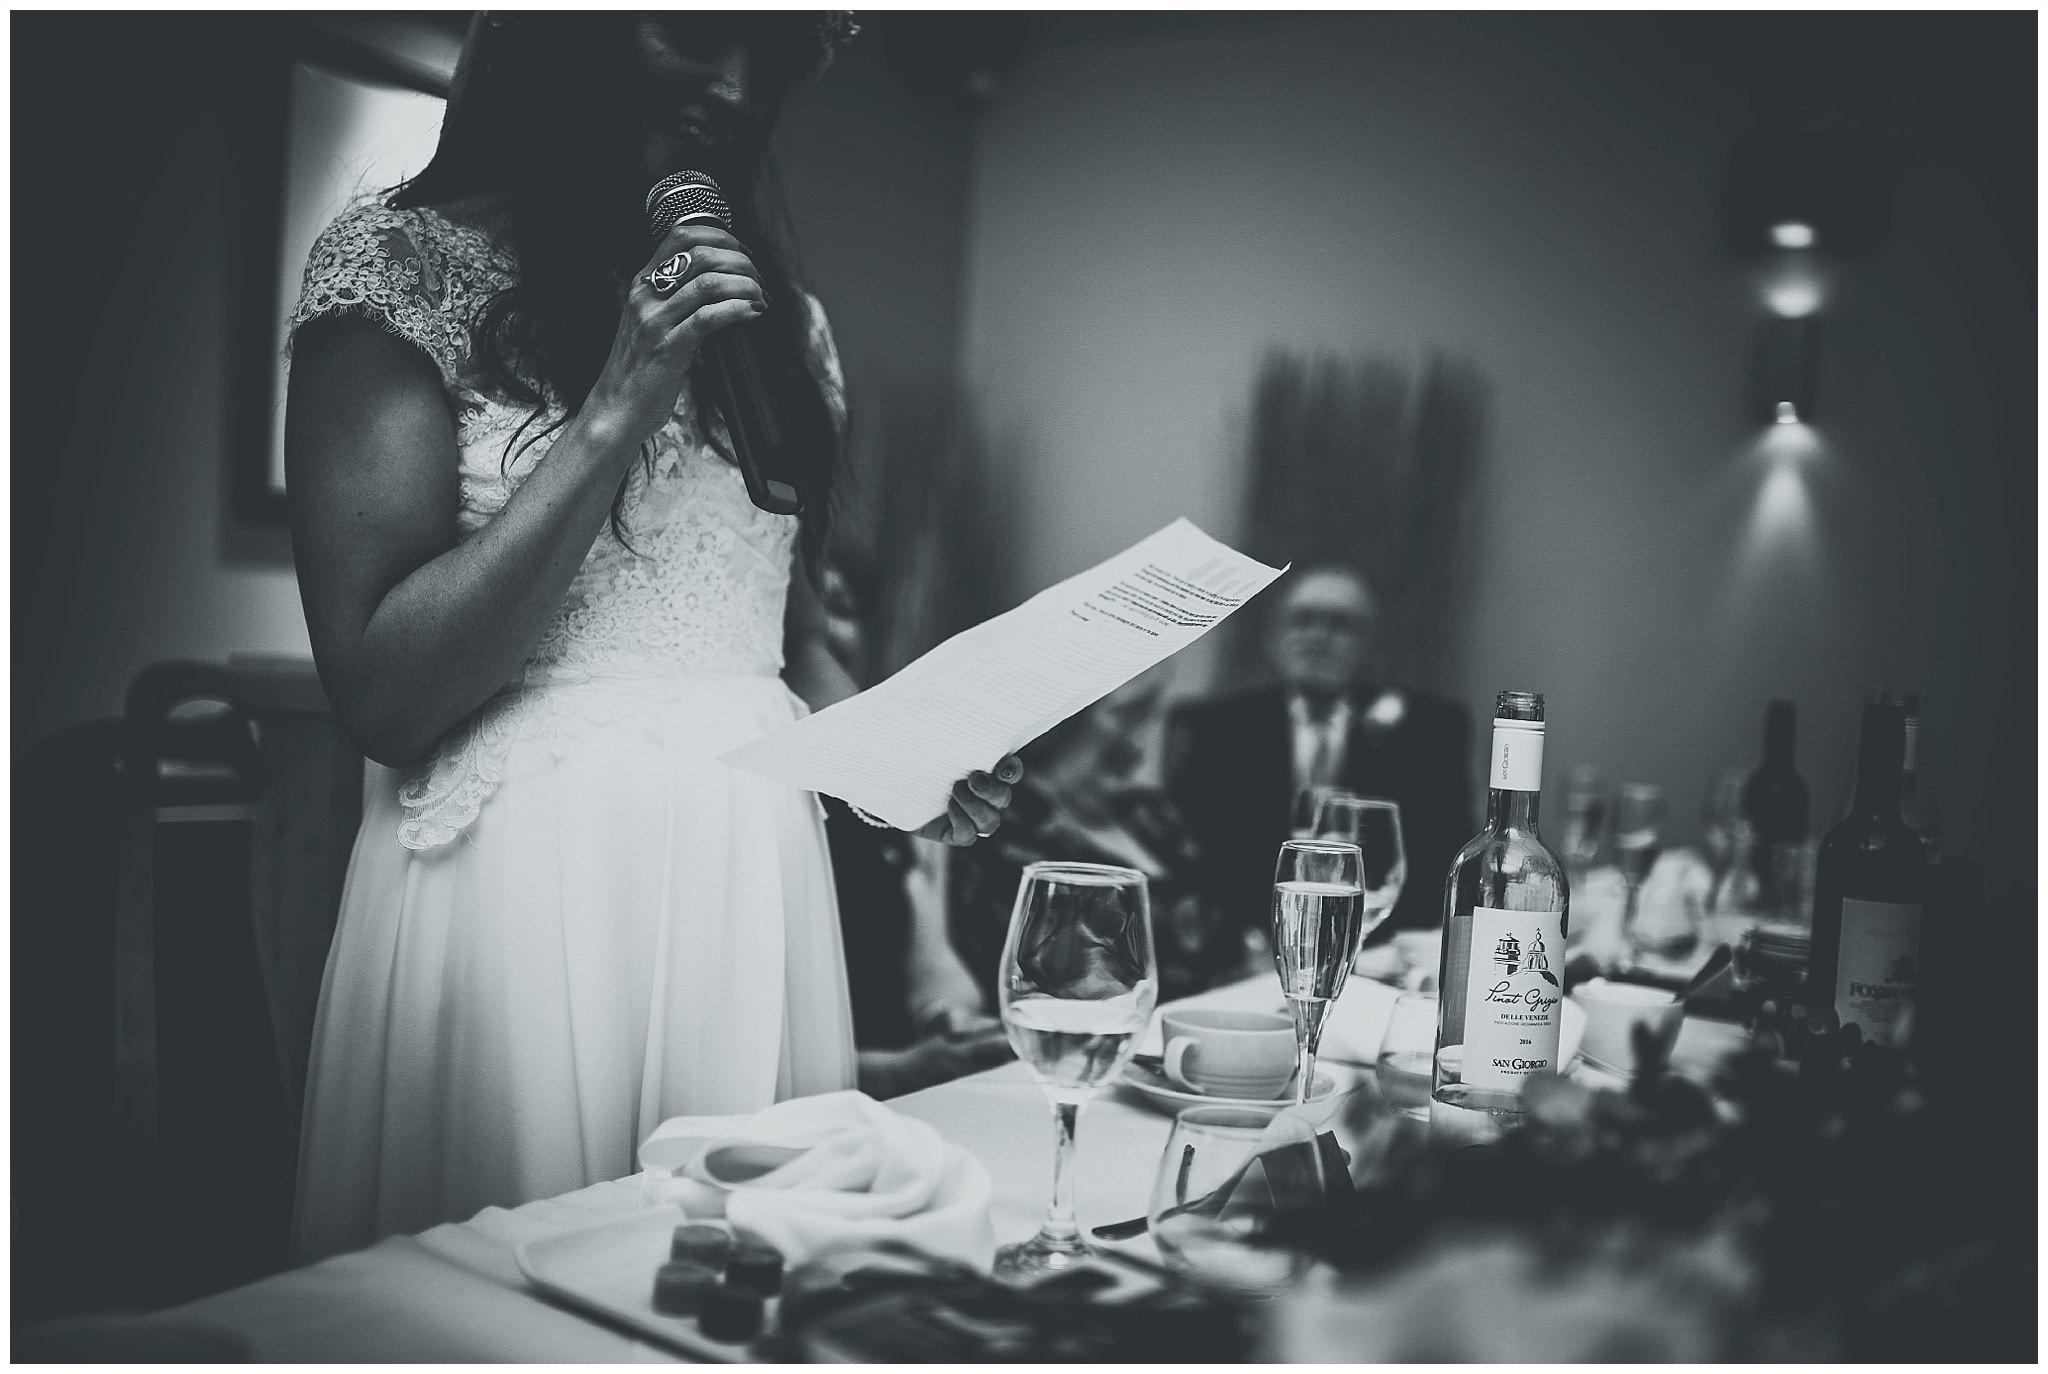 Brides speech in her hand